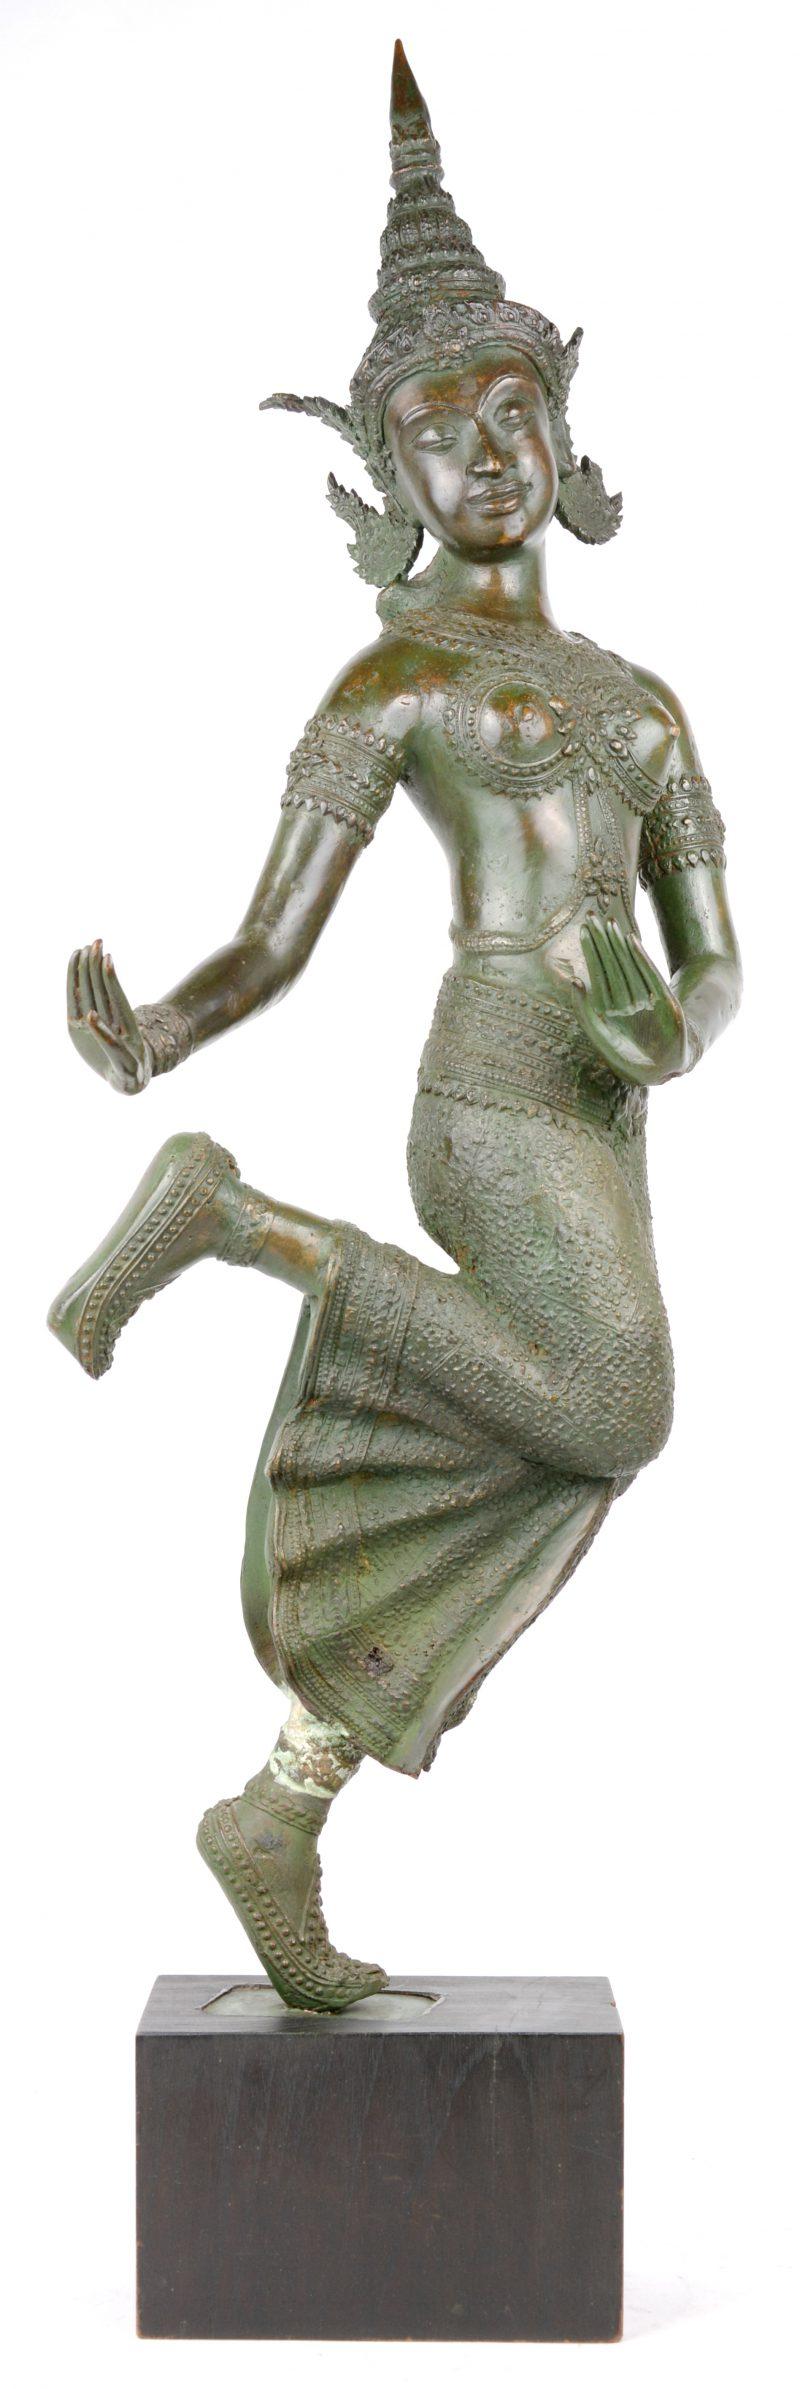 Een Balinese danseres van brons op houten voetstuk. Gerestaureerd aan het been.